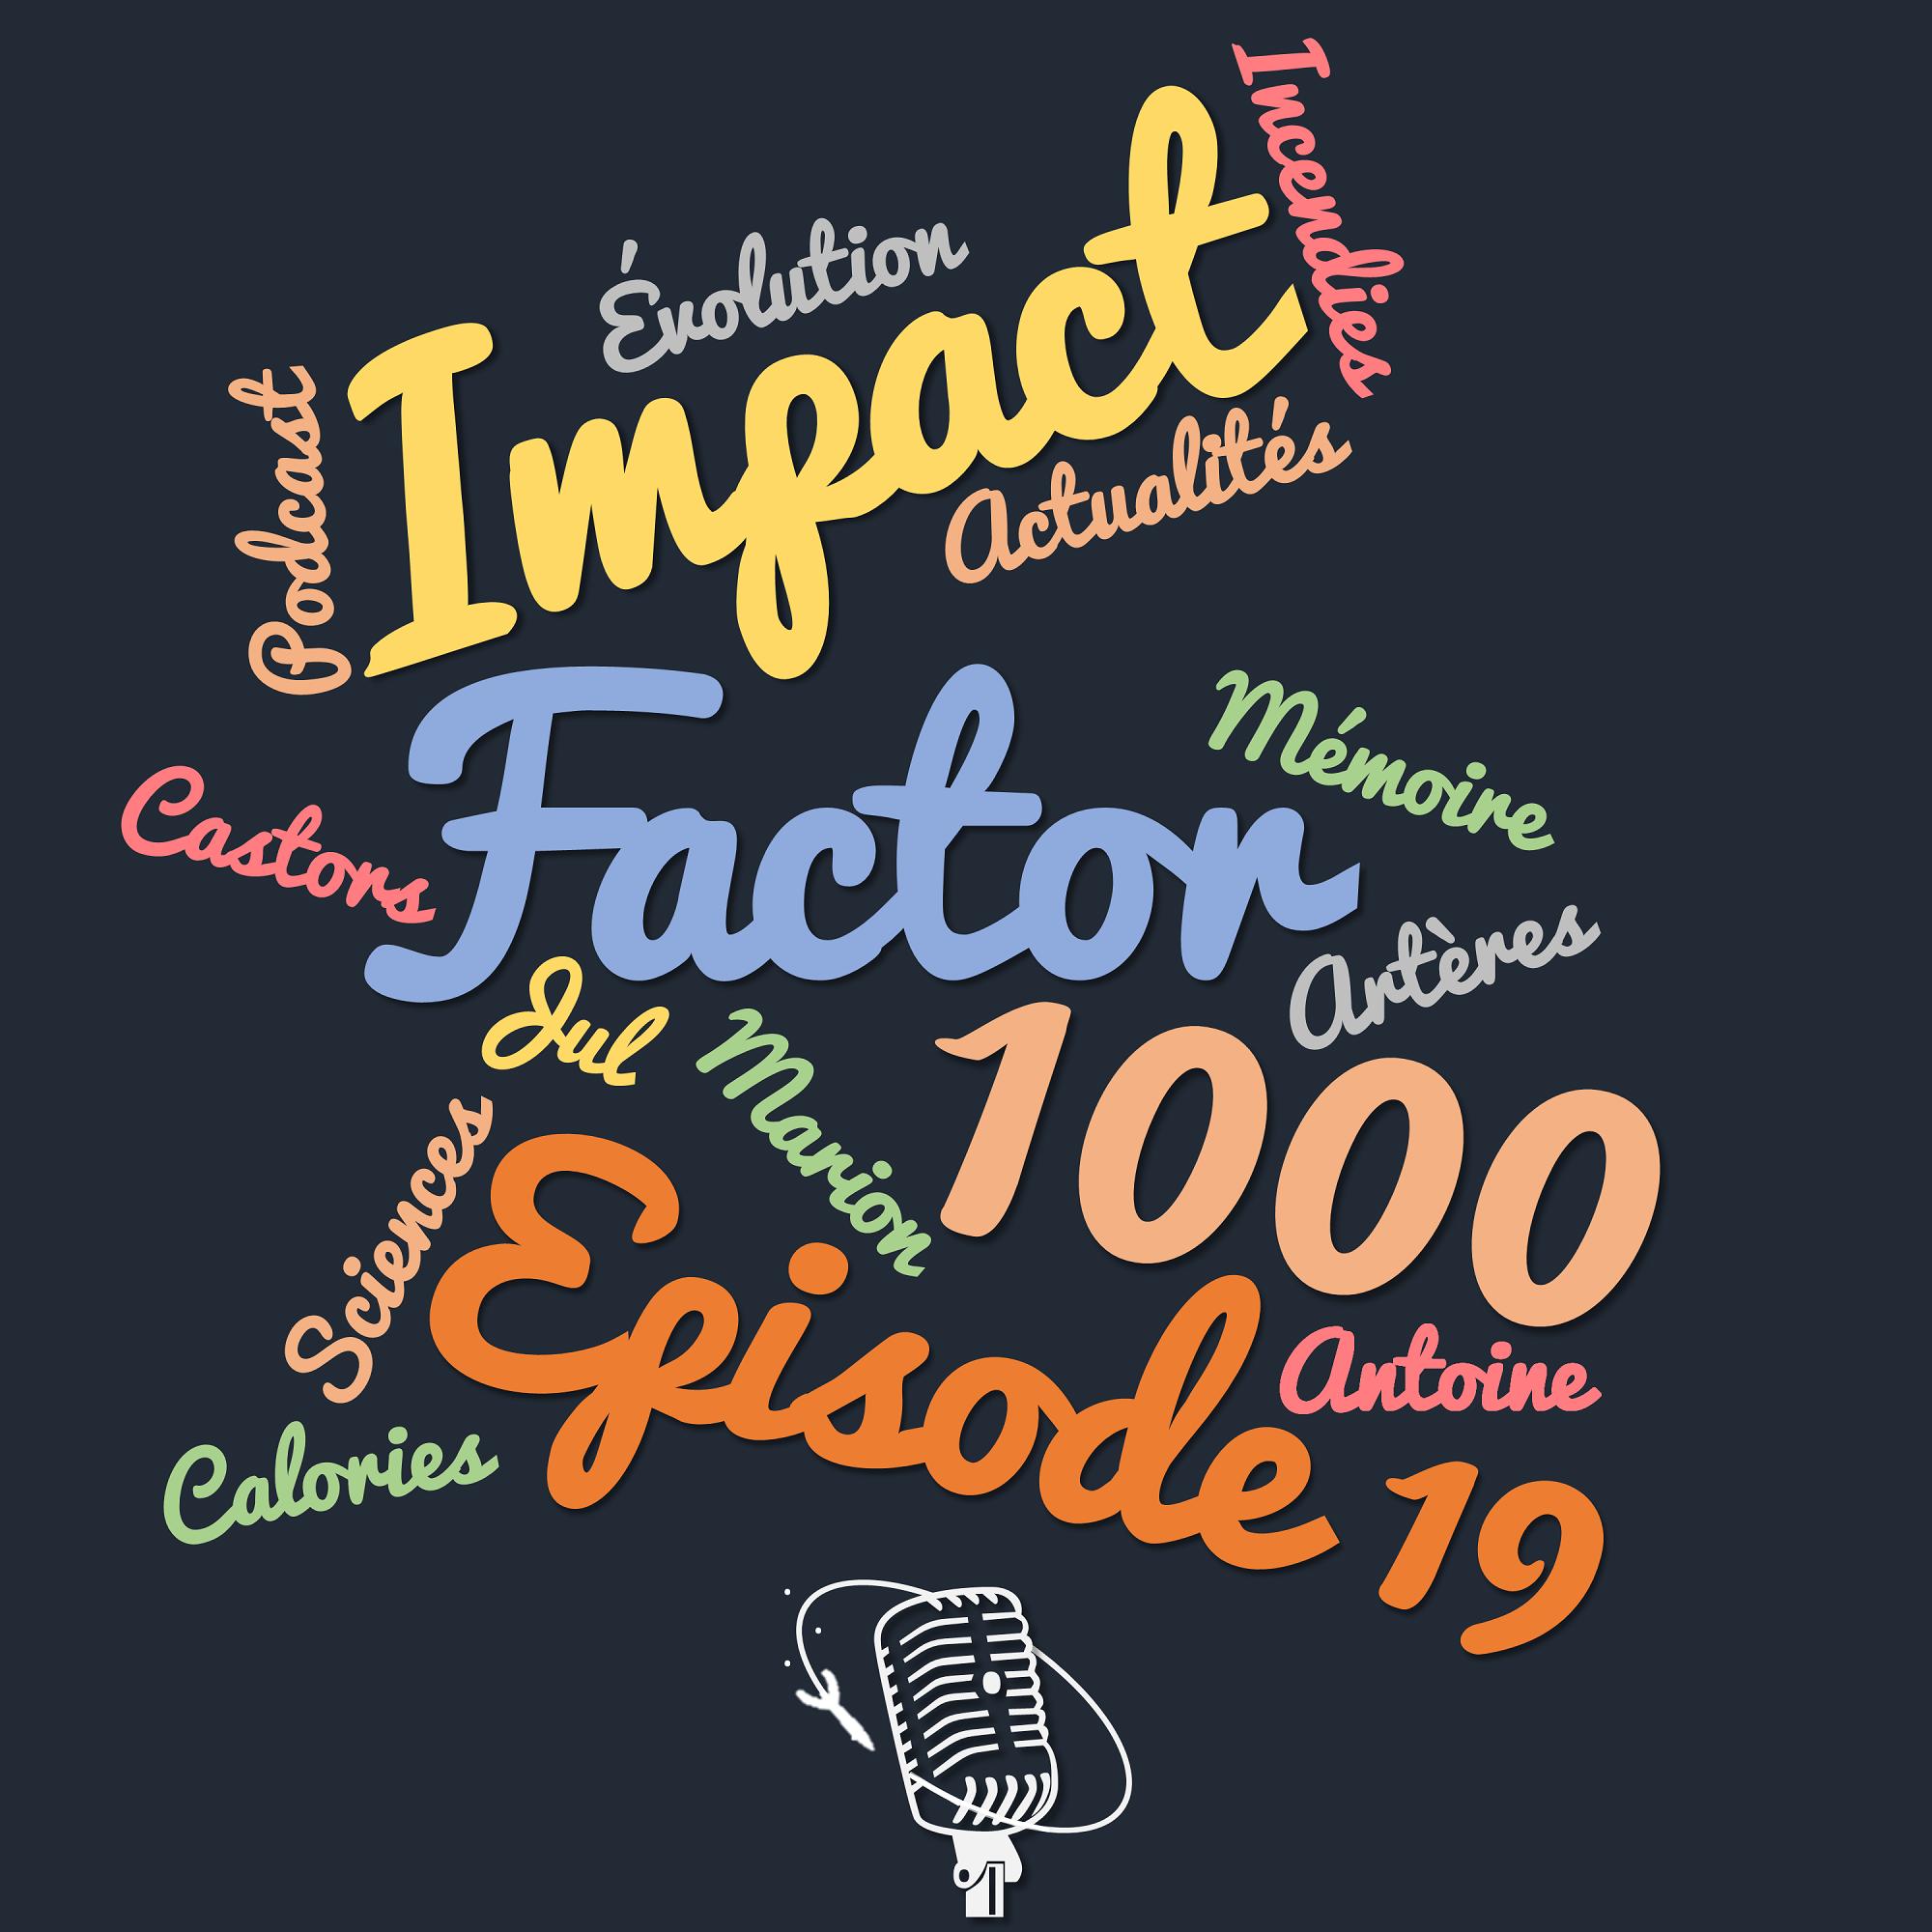 Impact Factor 1000